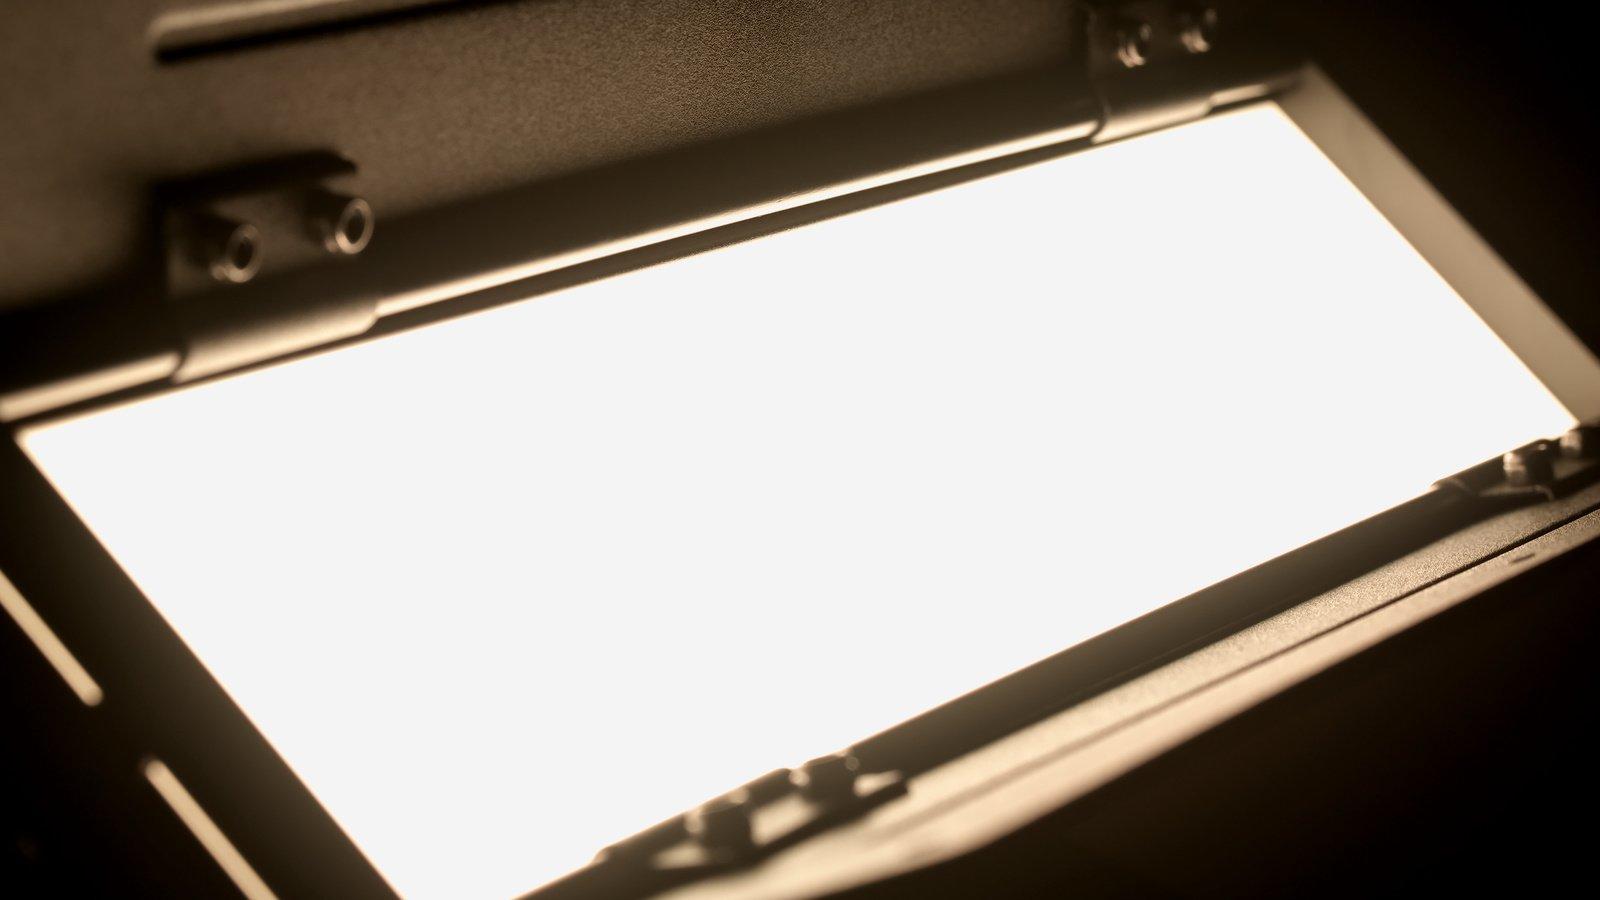 Das Licht der Rotabar ist sehr weich dank des integrierten Diffusors.